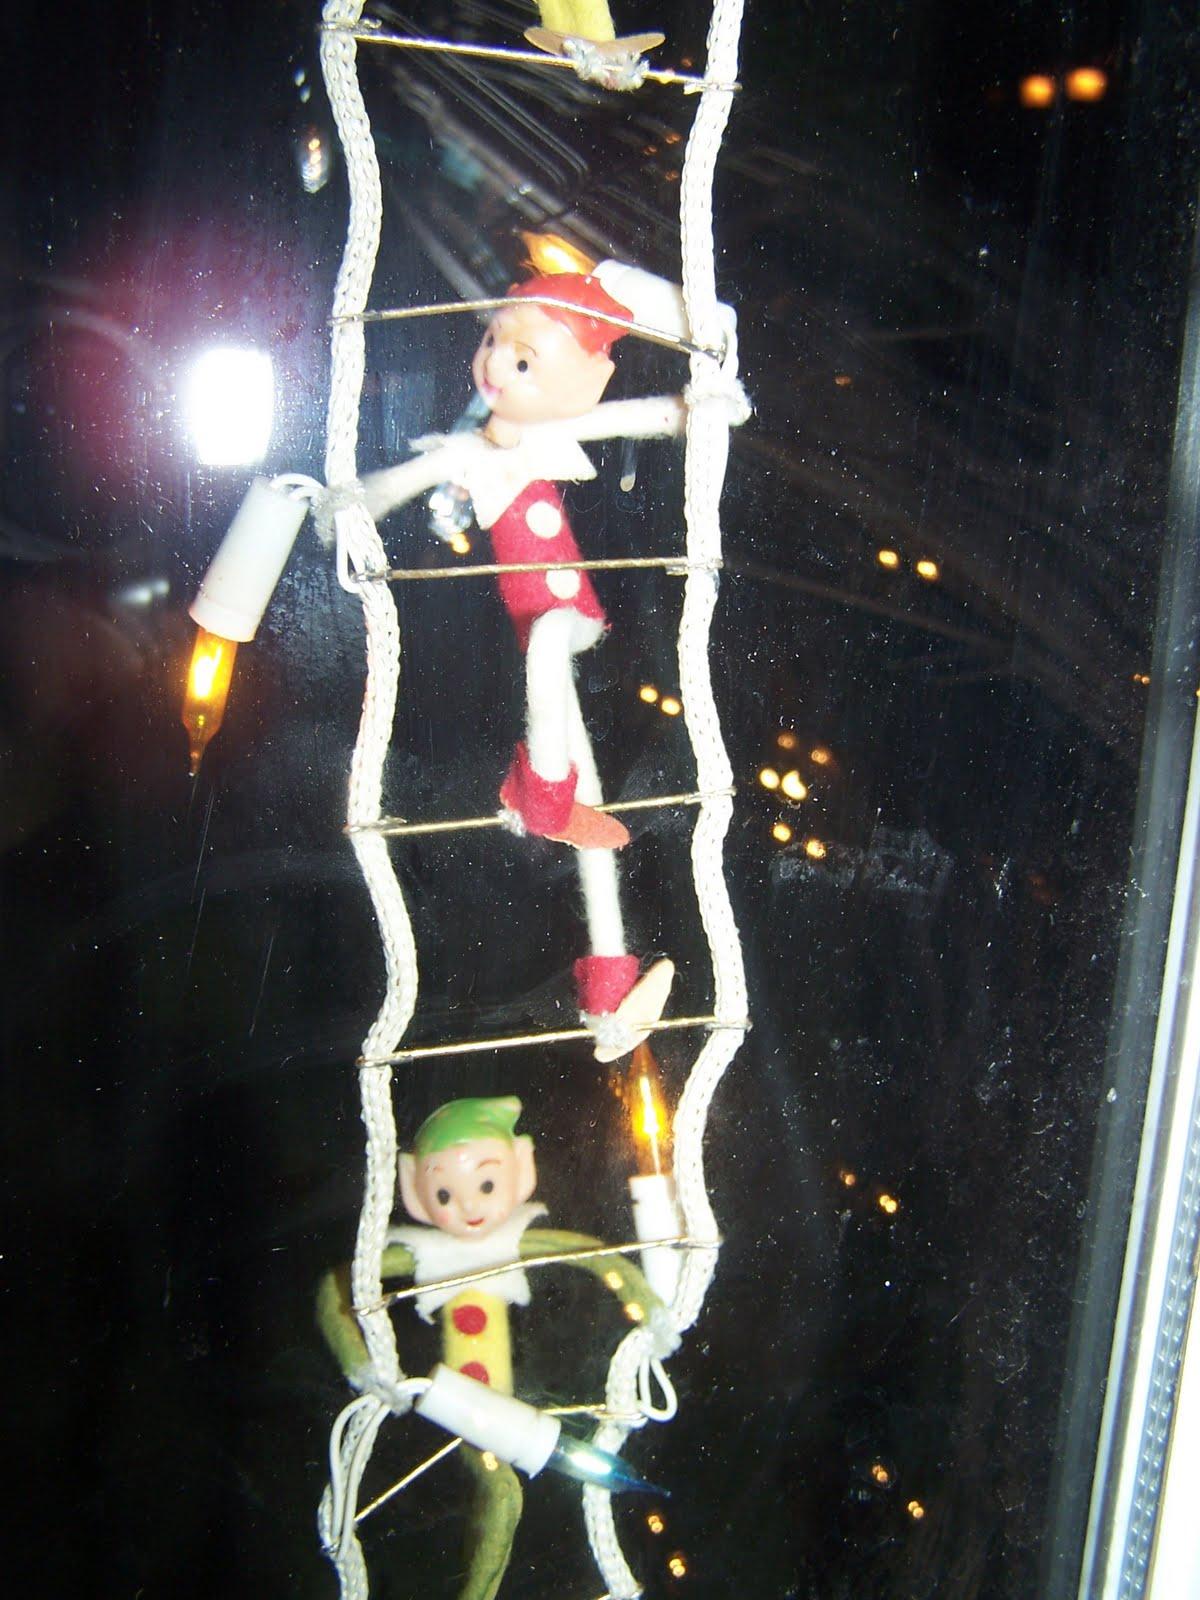 ladder climbing ornament elf.